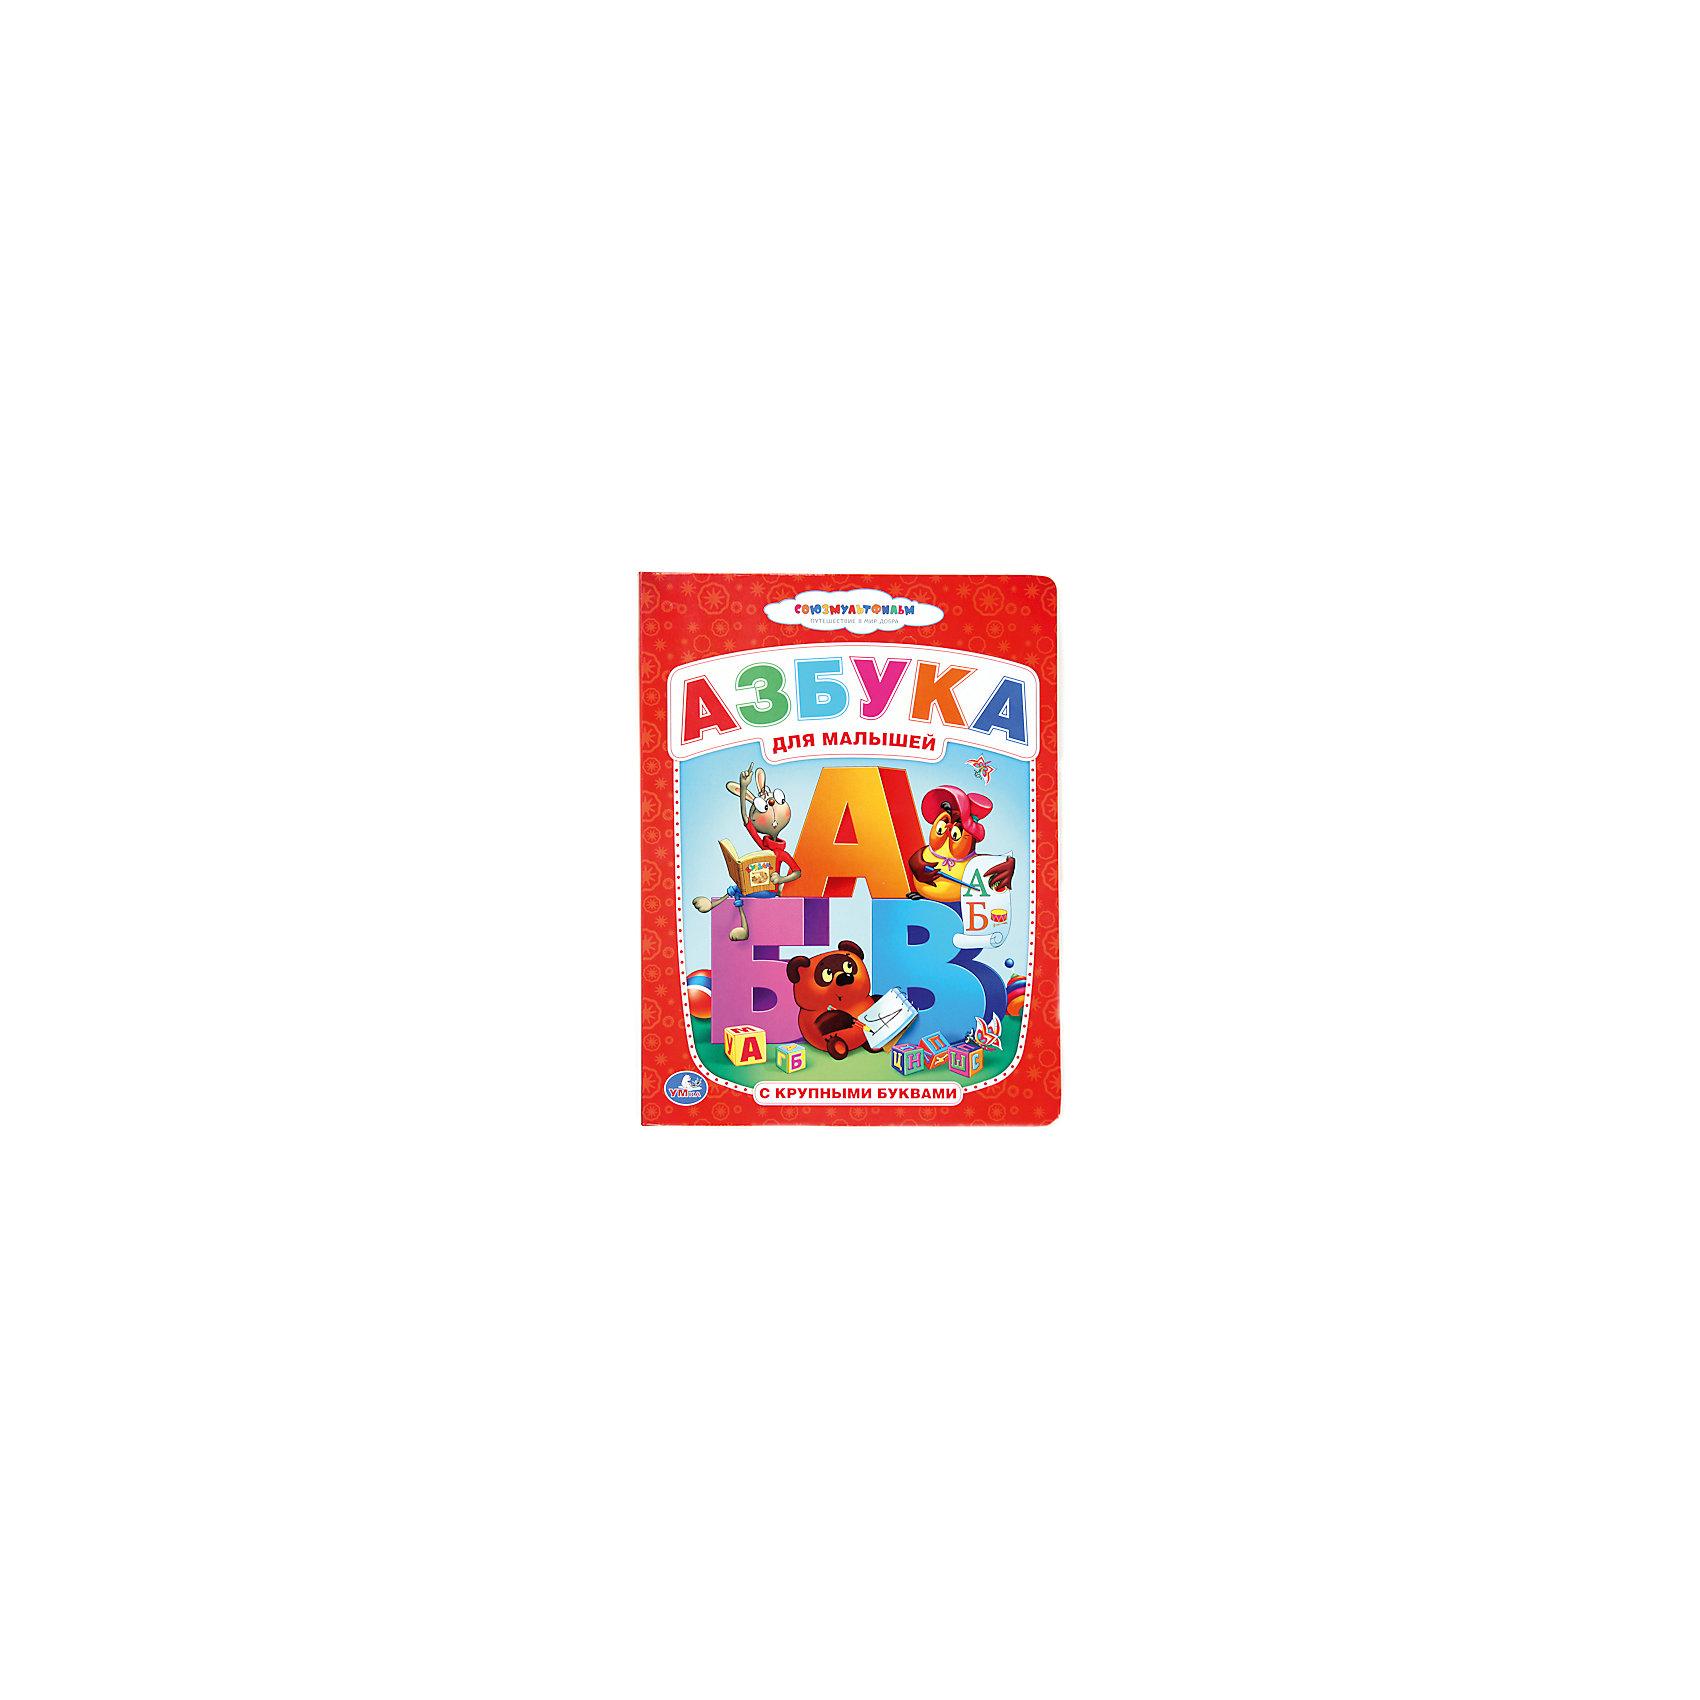 Азбука для малышей, СоюзмультфильмЭта книга расскажет детям о буквах и поможет выучить алфавит. Книга разработана логопедами и педагогами, имеет яркие иллюстрации, которые обязательно заинтересует ребенка и сделают процесс обучения интересным и увлекательным. <br><br>Дополнительная информация:<br><br>- Формат: 19х25,5 см<br>- Переплет: твердый<br>- Количество страниц: 30<br>- Иллюстрации: цветные.<br>- редактор-составитель: Анастасян С..<br><br>Книгу Азбука для малышей, Союзмультфильм, можно купить в нашем магазине.<br><br>Ширина мм: 200<br>Глубина мм: 260<br>Высота мм: 20<br>Вес г: 500<br>Возраст от месяцев: 12<br>Возраст до месяцев: 60<br>Пол: Унисекс<br>Возраст: Детский<br>SKU: 4053262